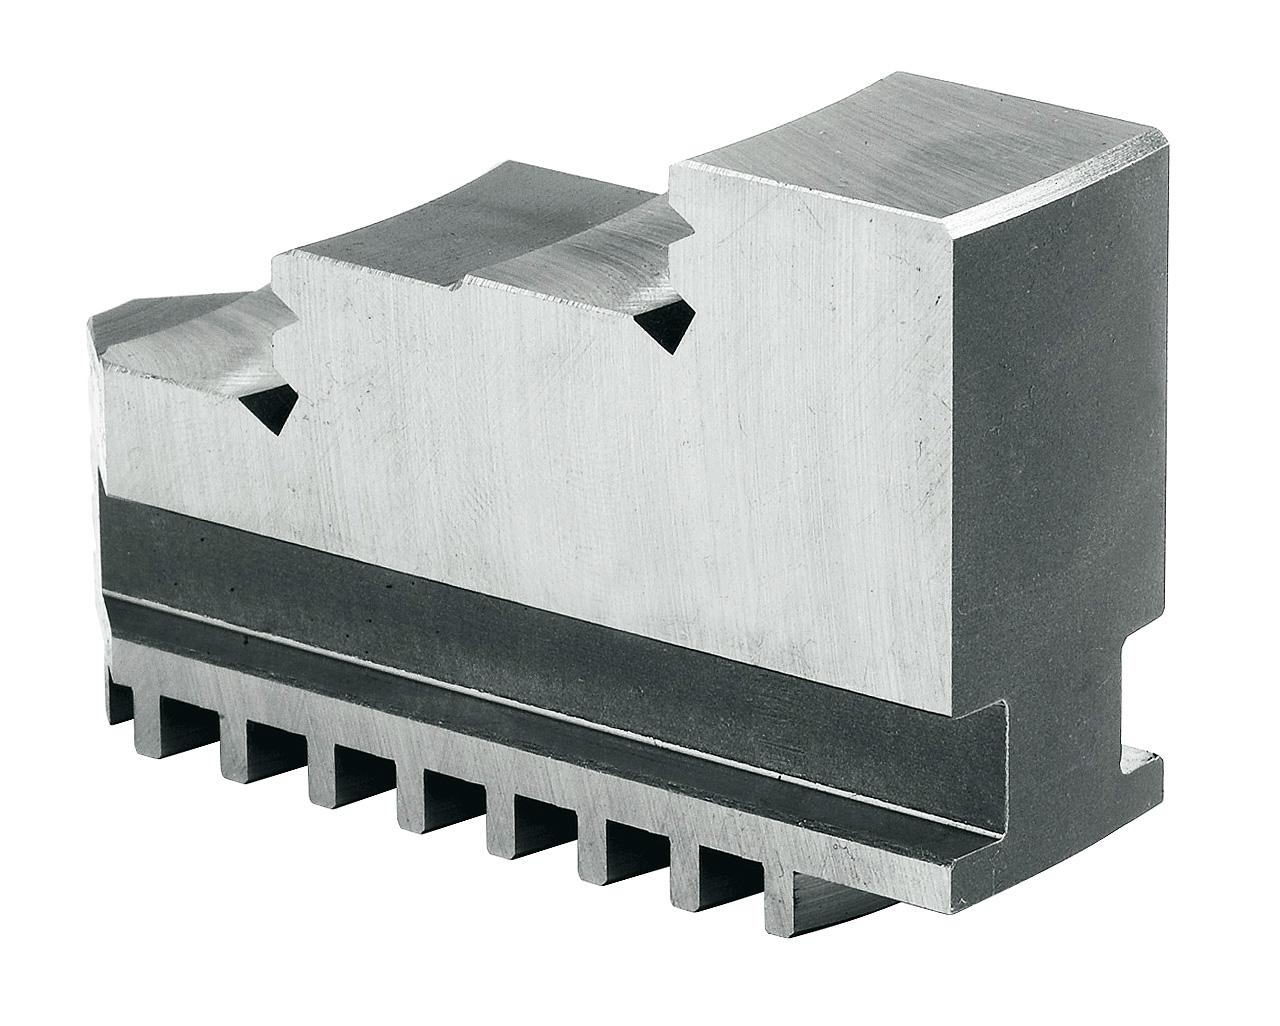 Szczęki jednolite twarde wewnętrzne - komplet DIJ-DK12-160 BERNARDO